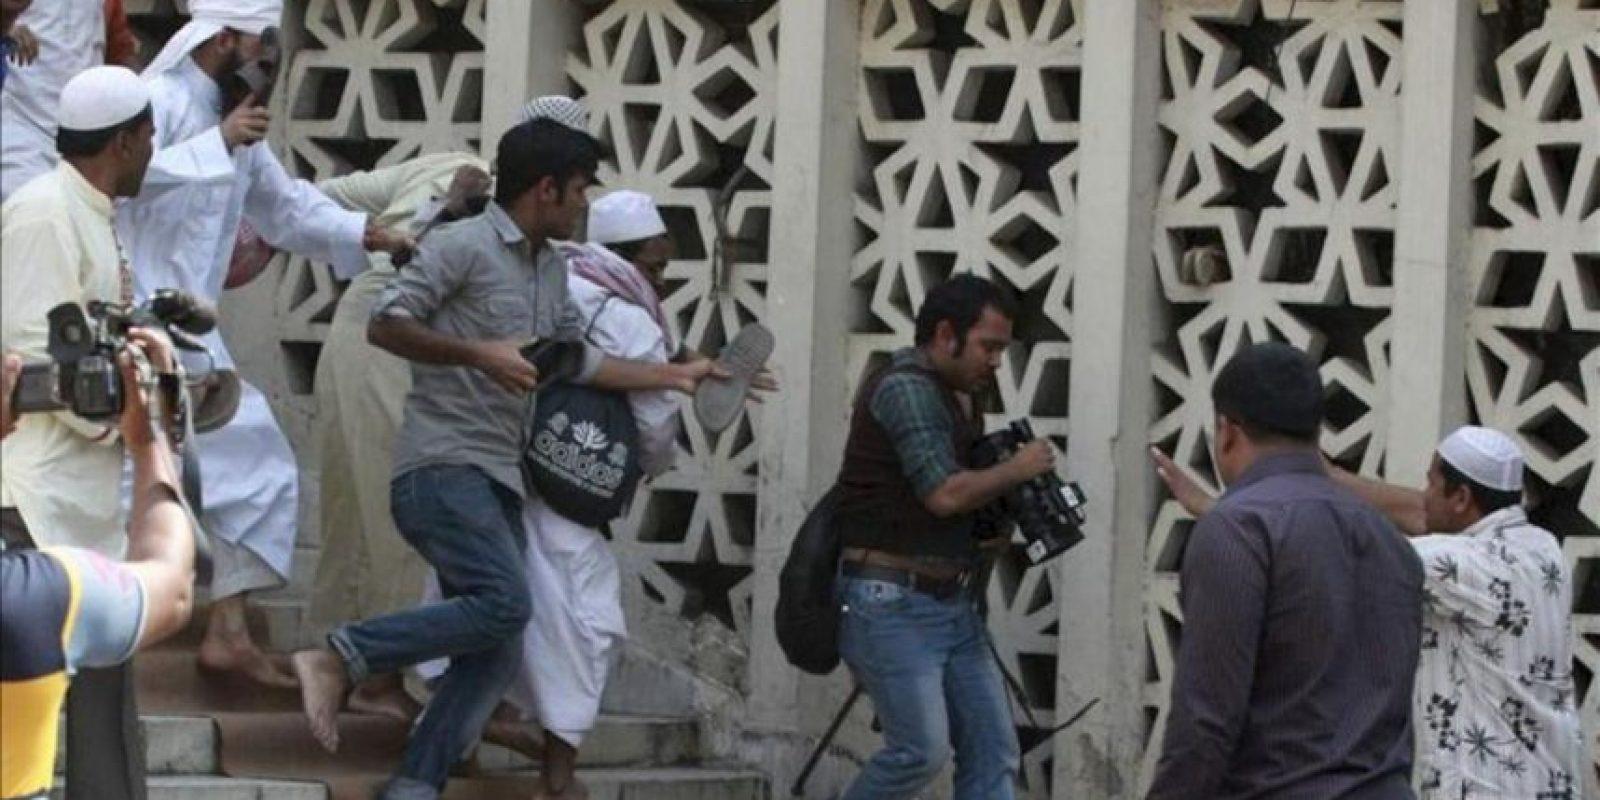 Activistas islámicos agreden a periodistas durante unos disturbios con la policía en los arededores de la mezquita nacional de Baitul Mukarram en Dacca (Bangladesh) hoy, viernes 22 de febrero de 2013. EFE